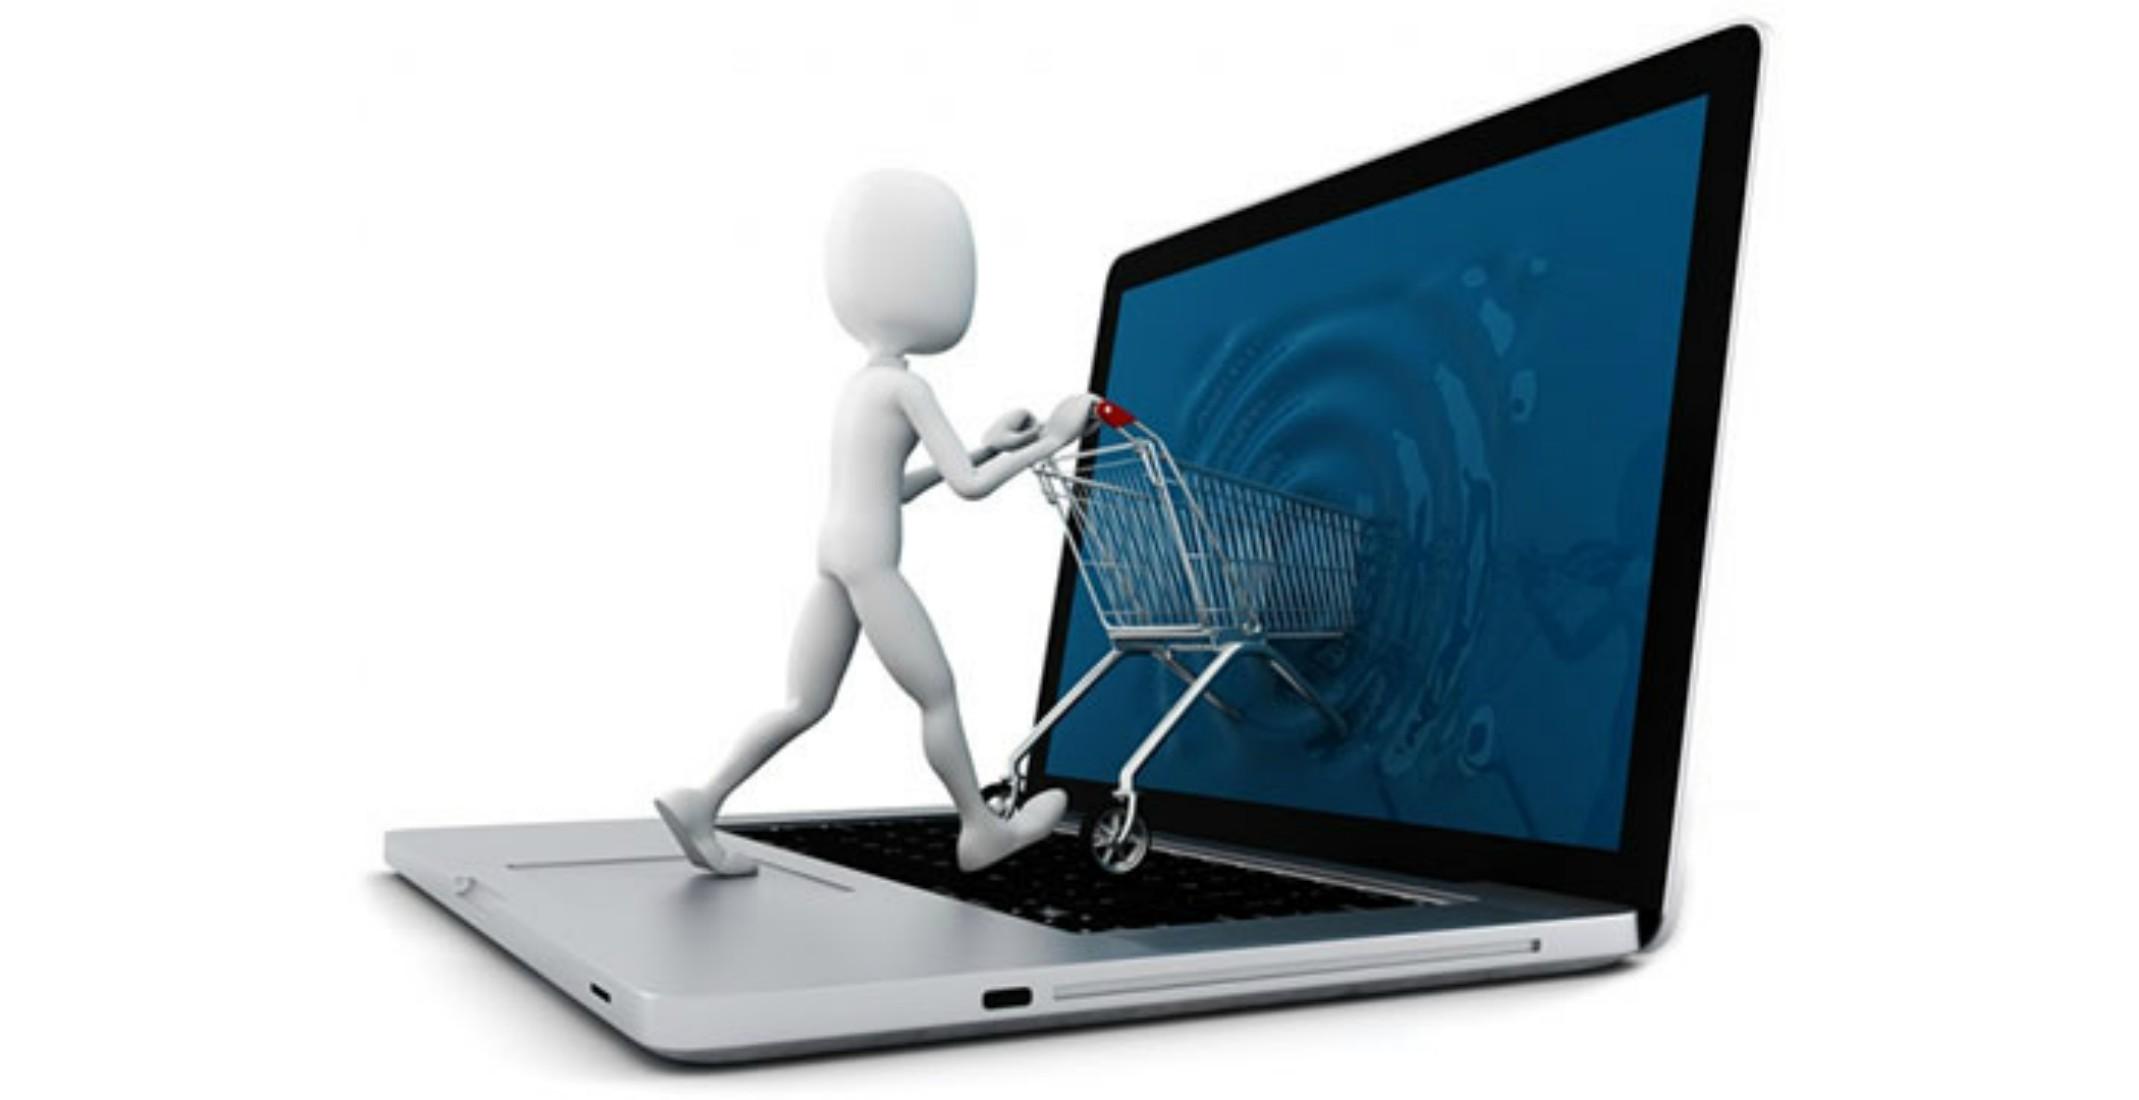 Nam grozijo davki tudi pri prodaji rabljenih stvari preko spleta?